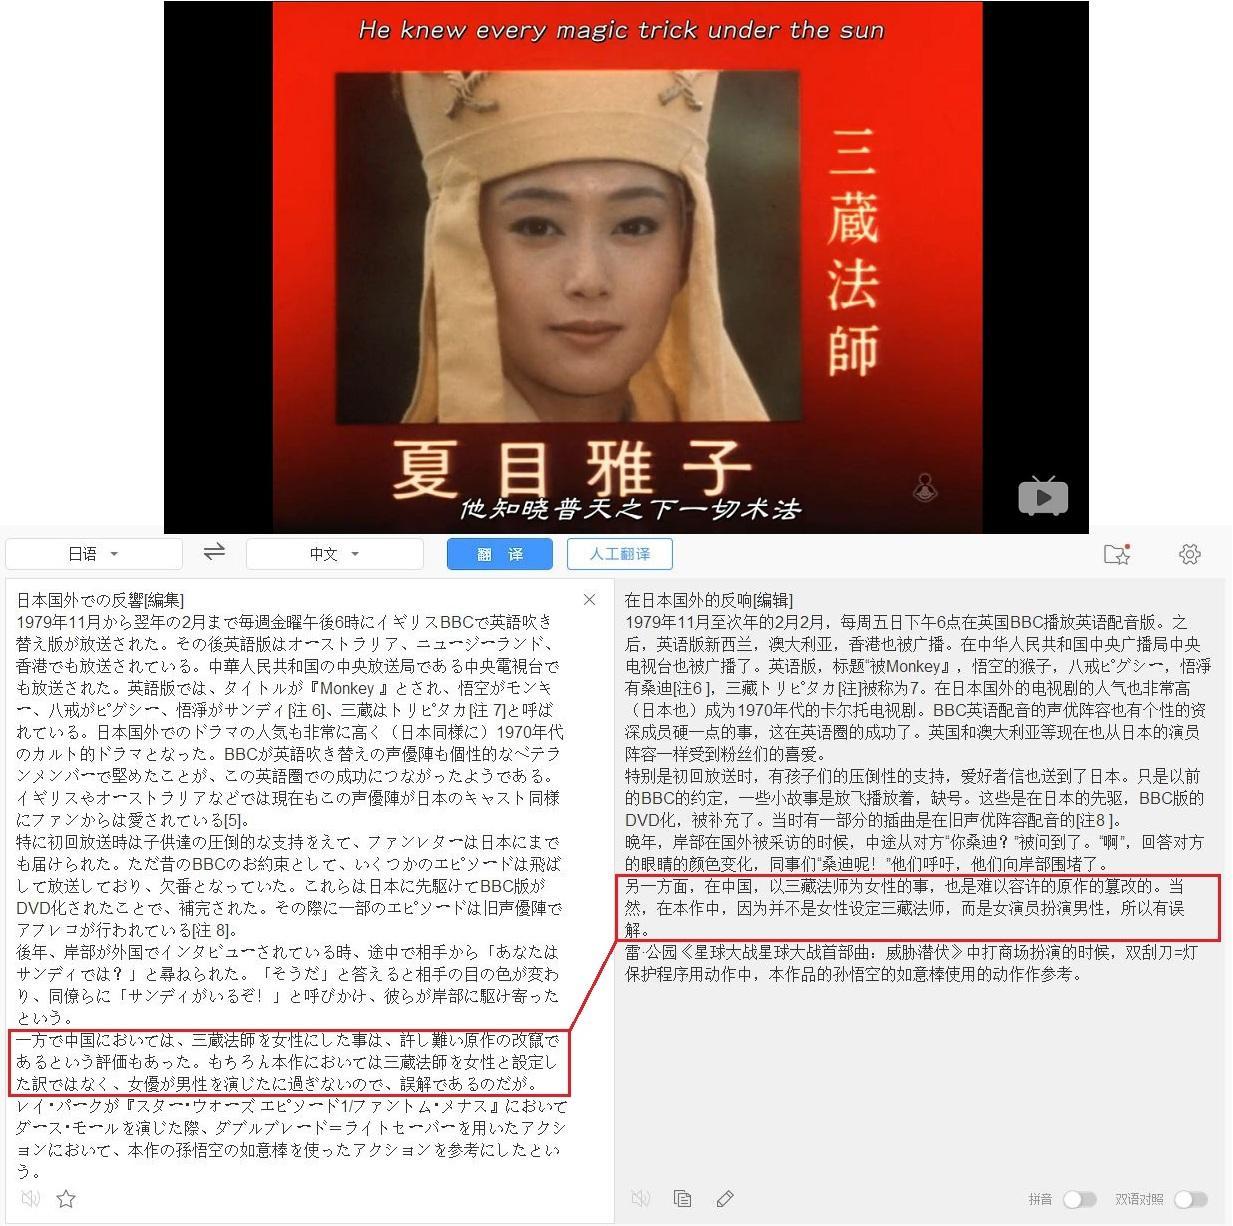 巴得利奥西游记tv_为什么日本版的部分电影、电视剧《西游记》中的唐僧是女性 ...